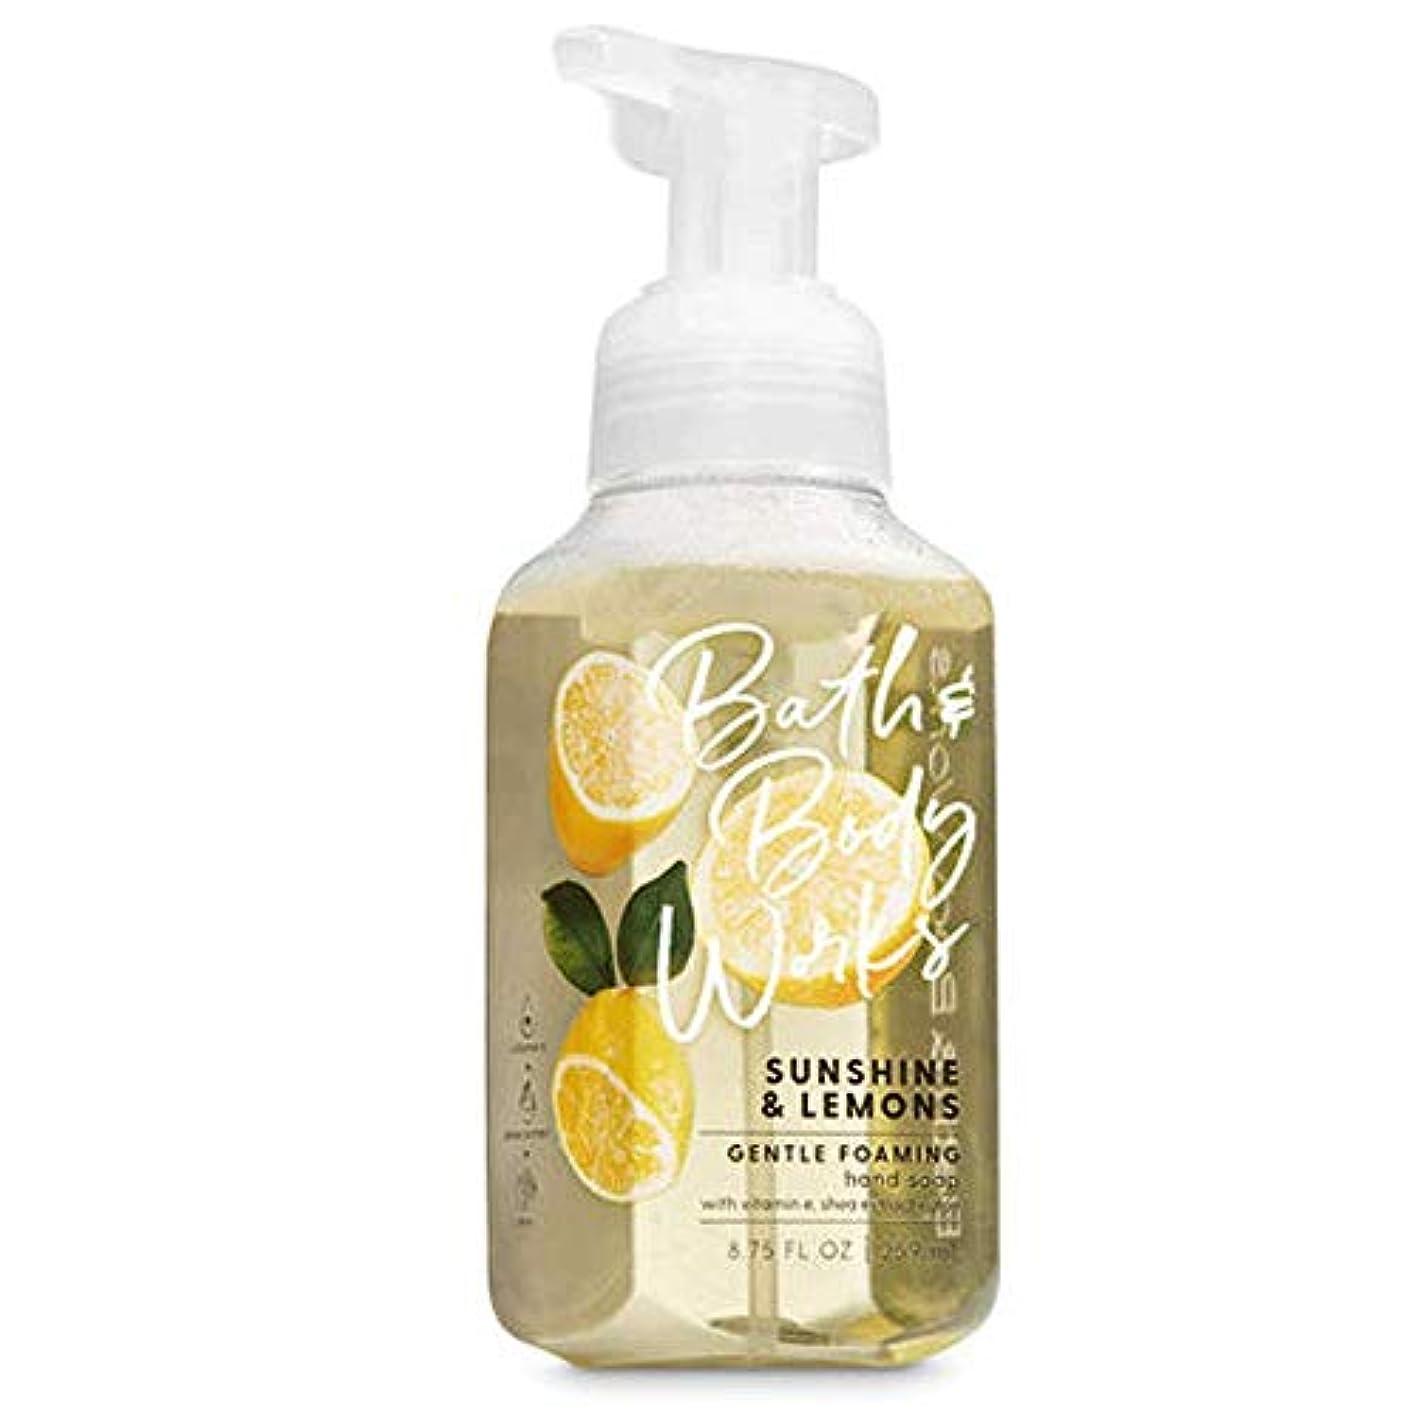 ローブ既に雑品バス&ボディワークス サンシャインレモン ジェントル フォーミング ハンドソープ Sunshine & Lemons Gentle Foaming Hand Soap